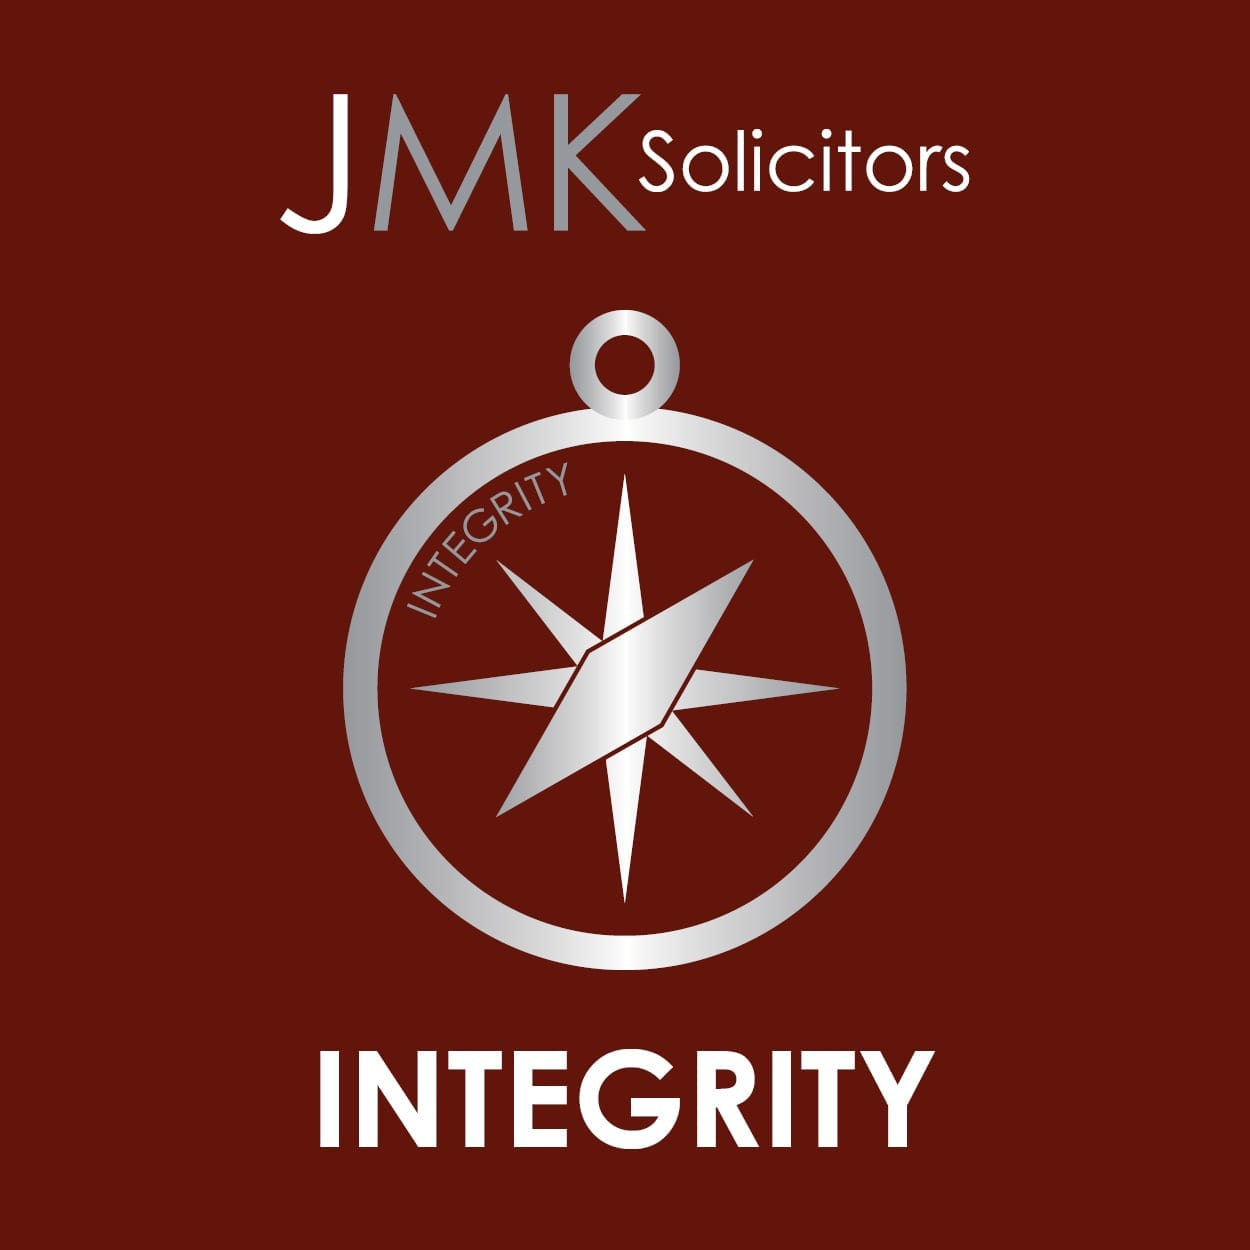 Integrity JMK Solicitors Values